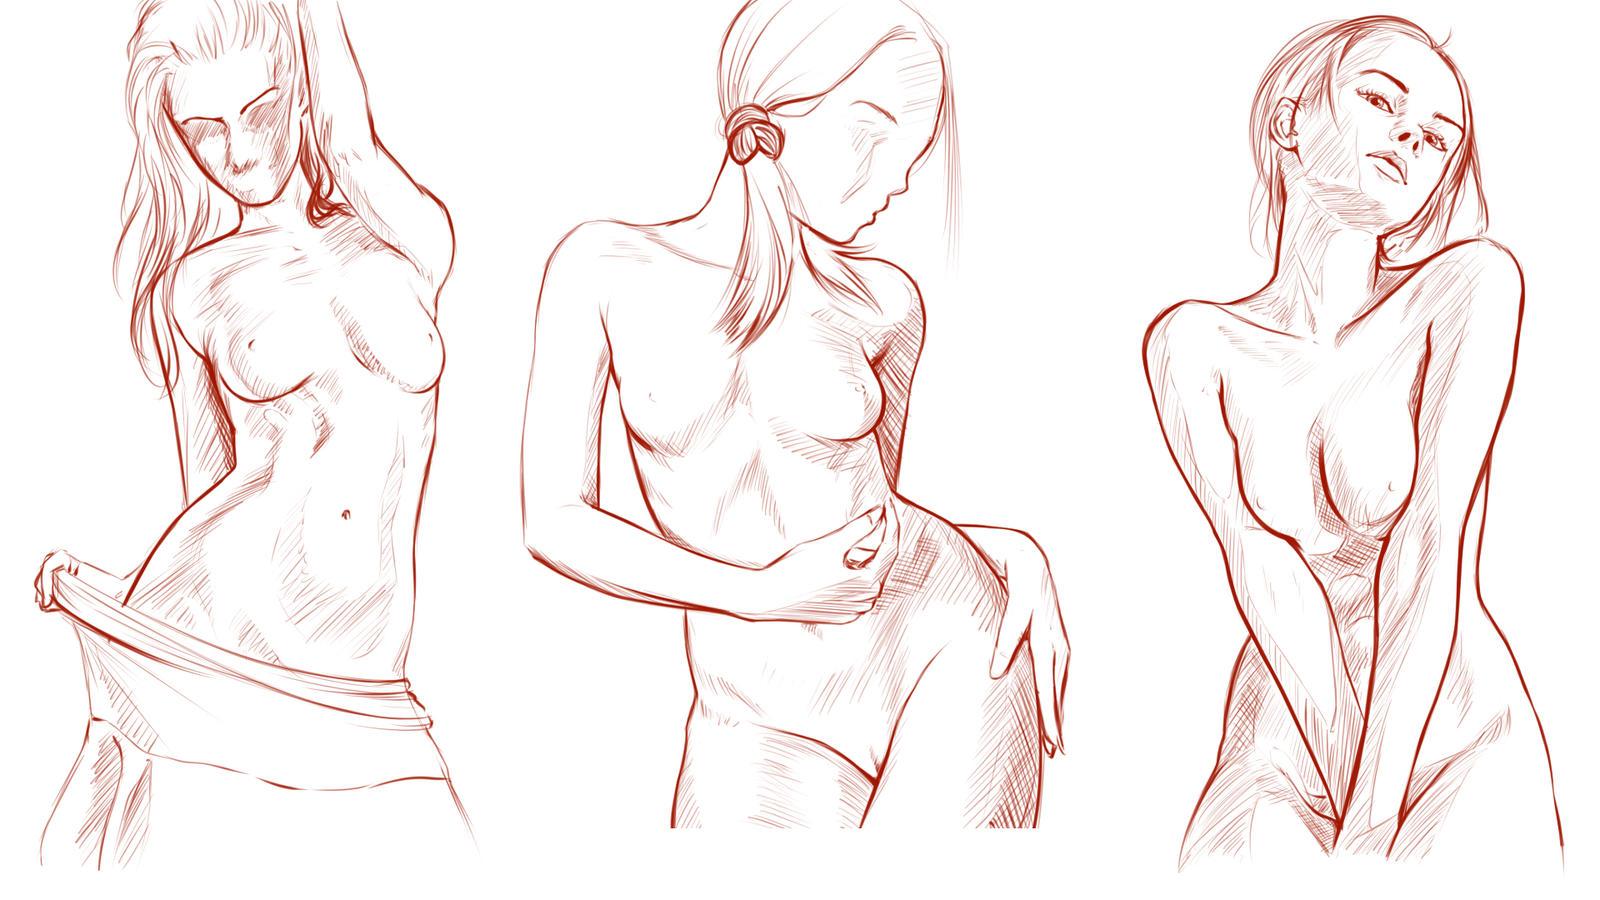 Female Body Practice by forgotten-wings